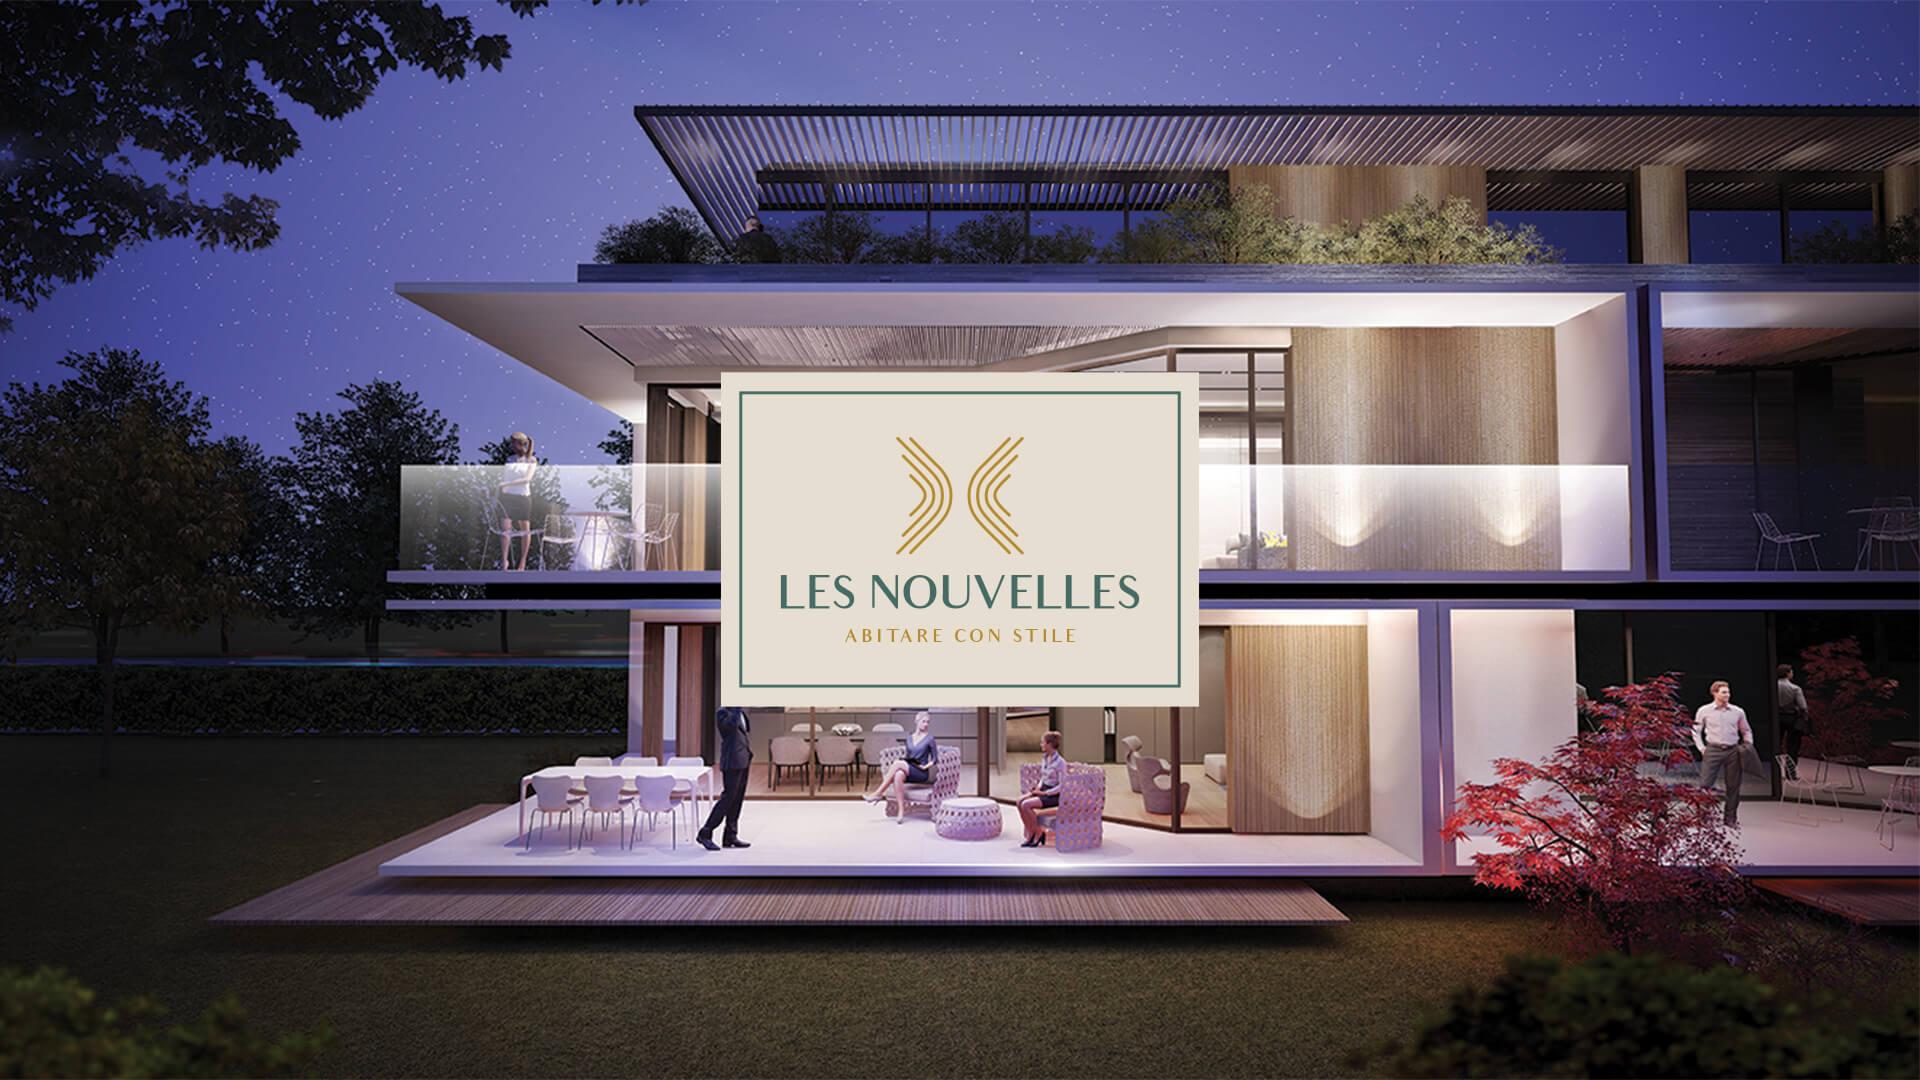 A Melismelis la comunicazione di tre progetti Real Estate sviluppati da Aquileia Capital Services